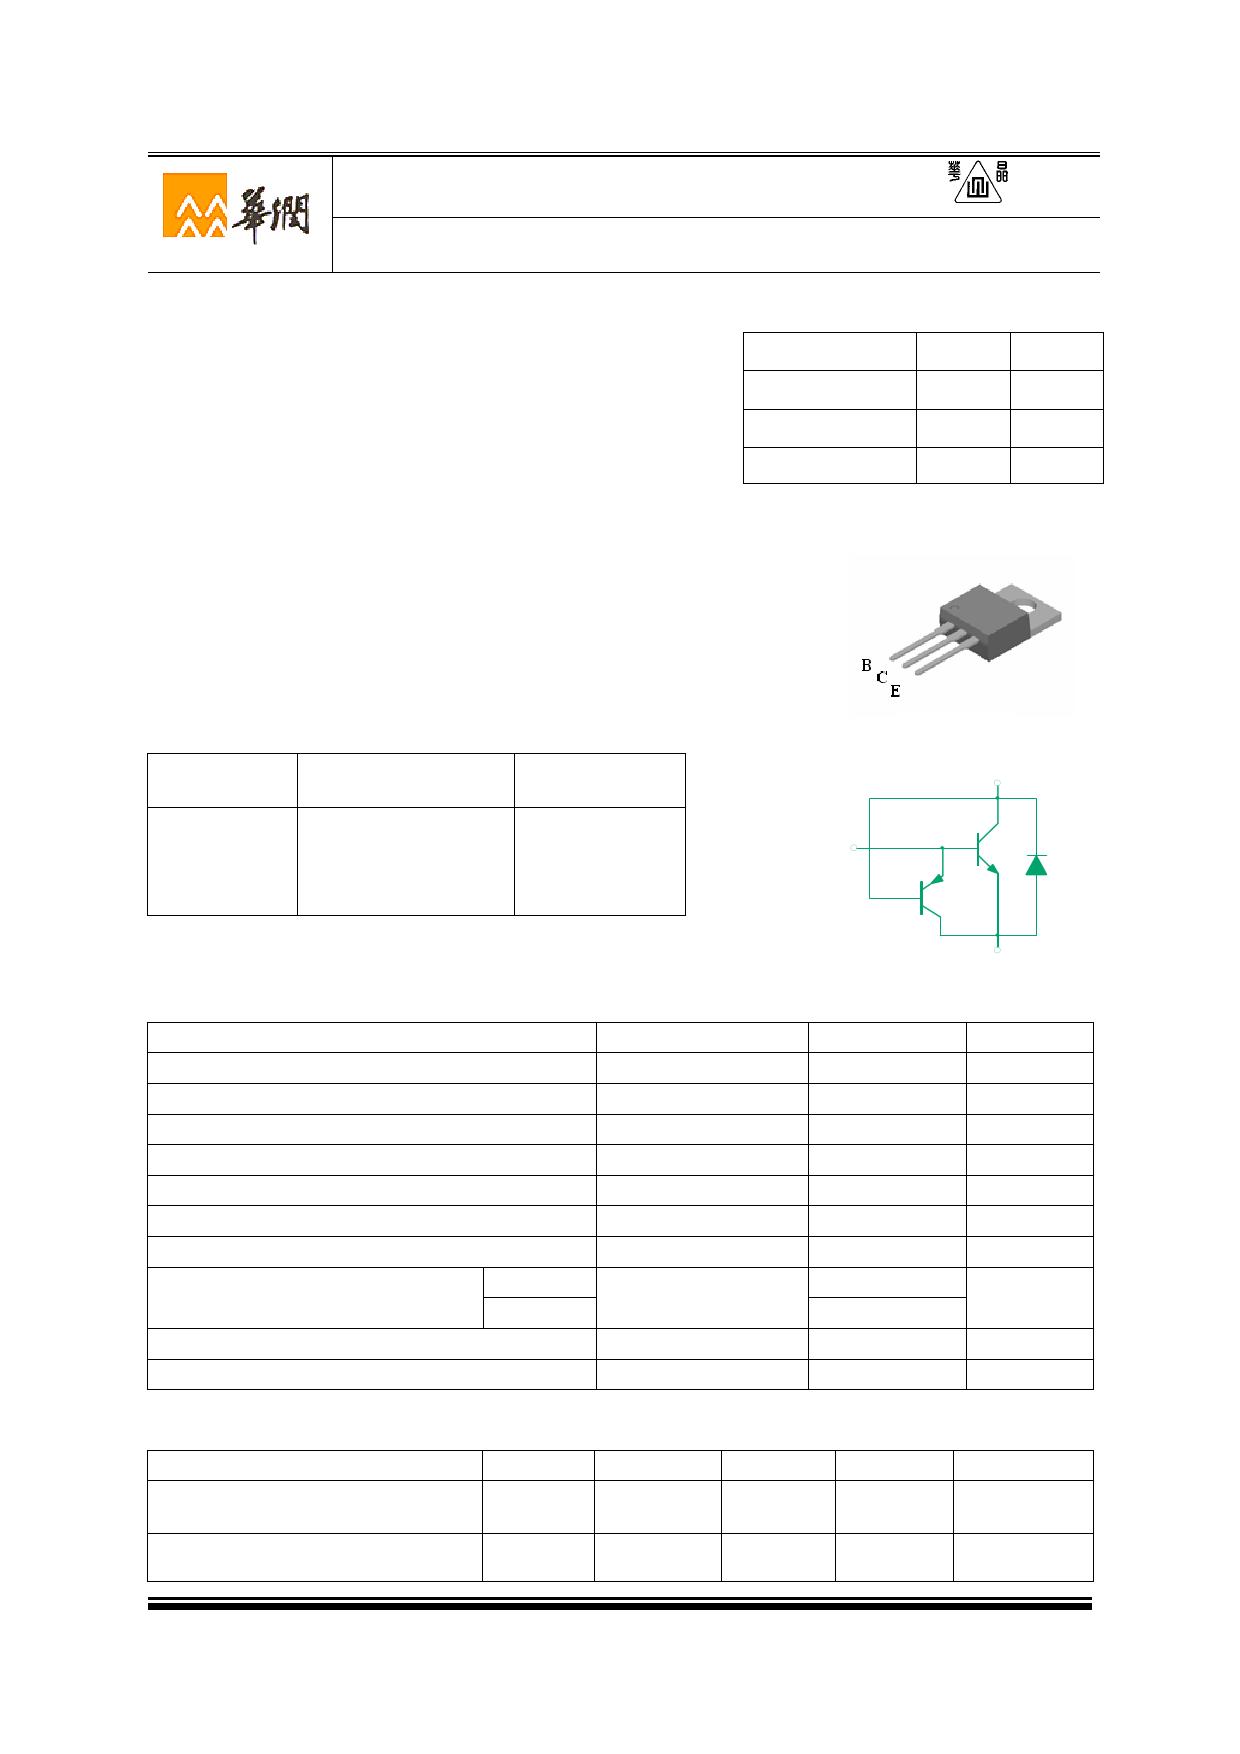 3DD128A8D Datasheet, 3DD128A8D PDF,ピン配置, 機能